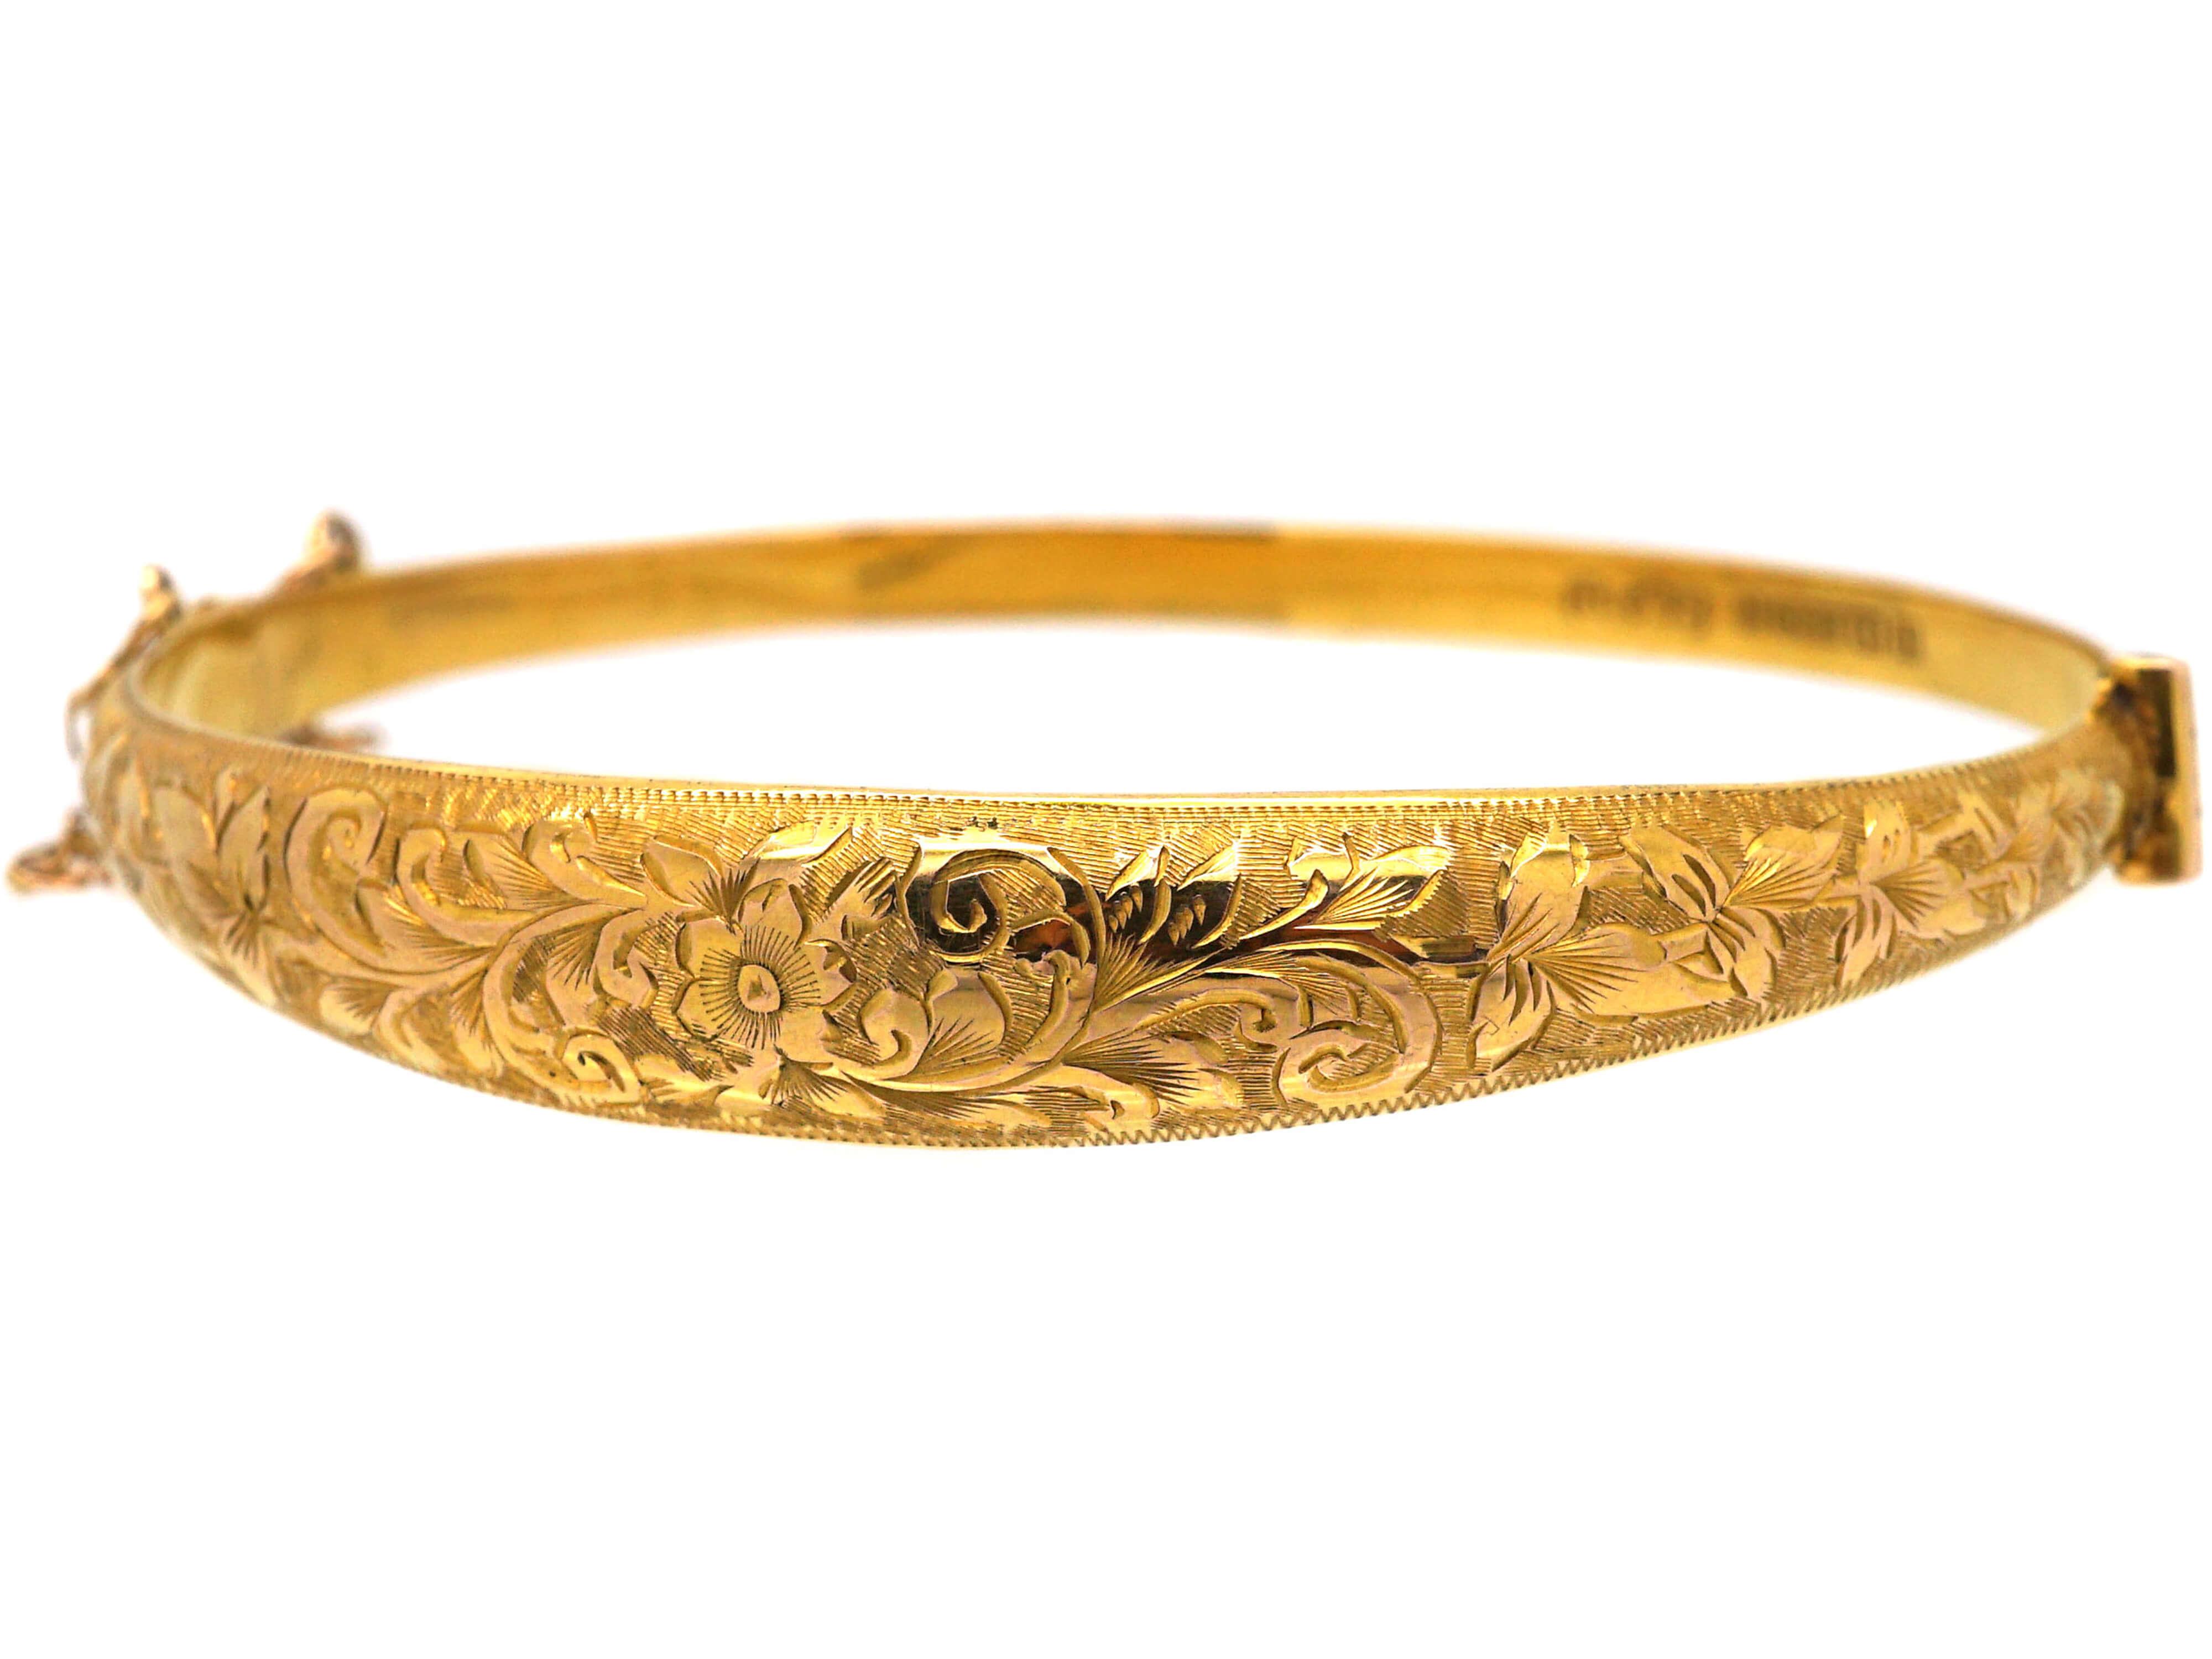 Edwardian 9ct Gold Engraved Bangle